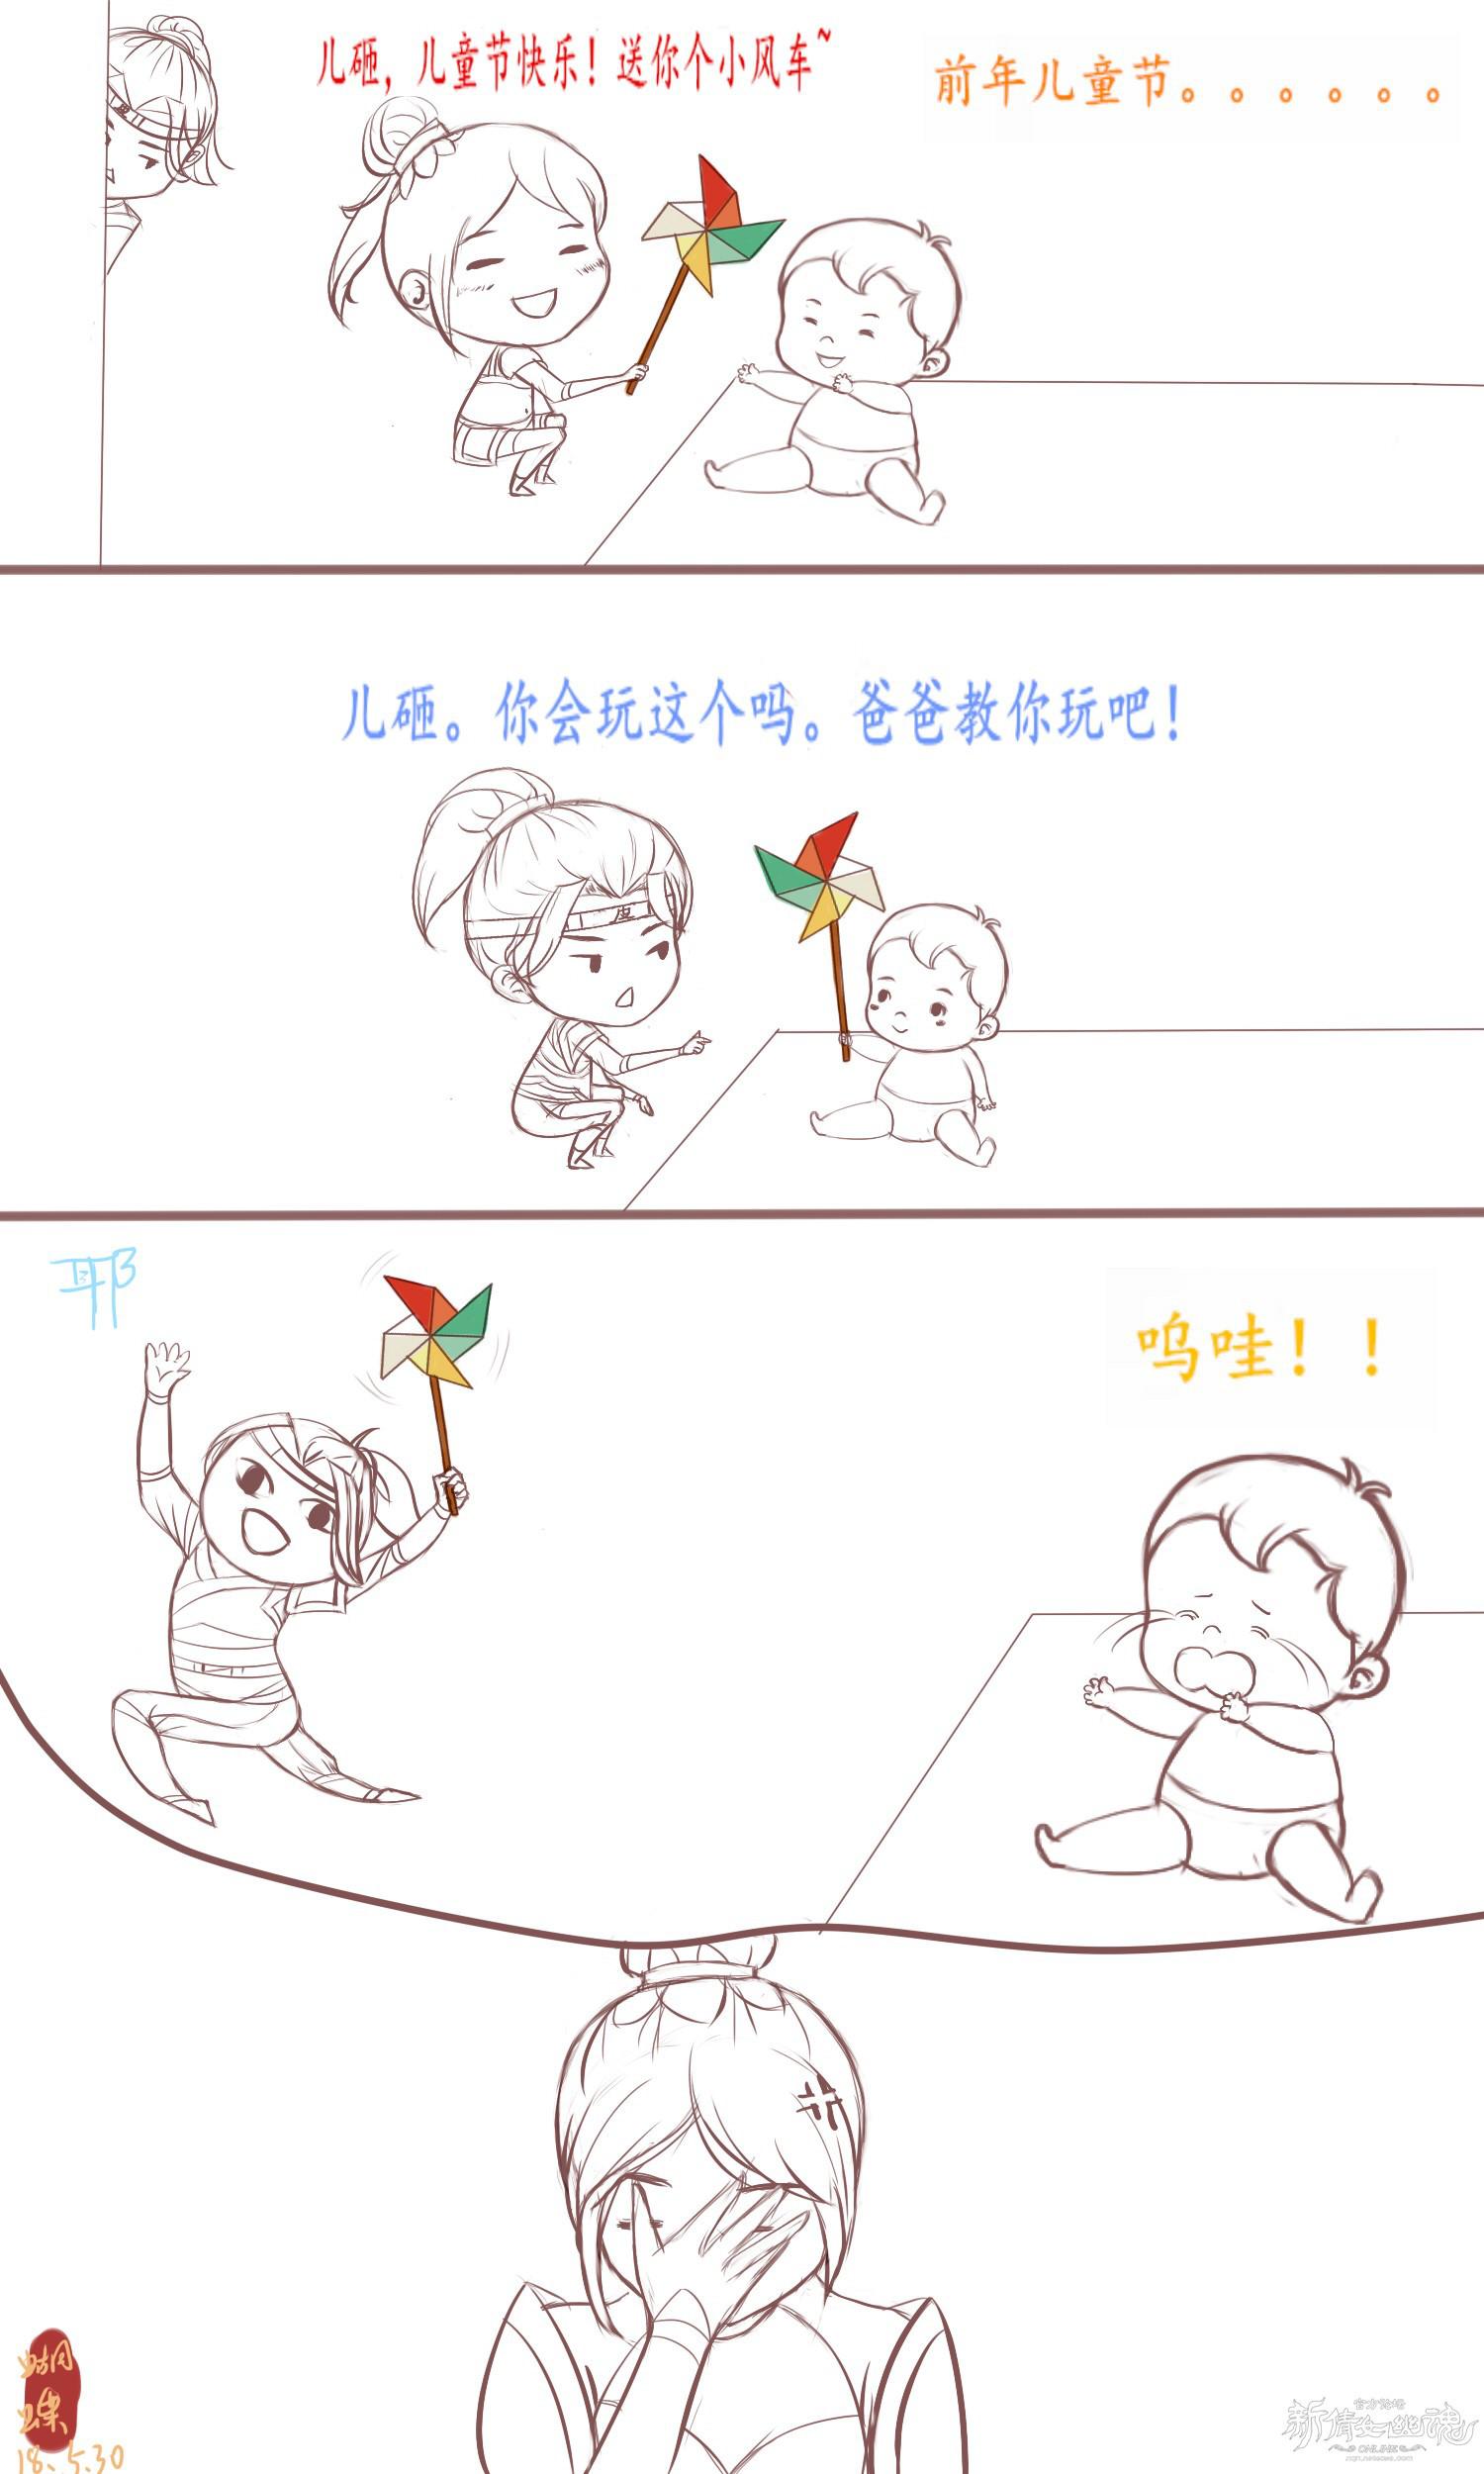 [手绘] 【名人堂】儿童节系列之一